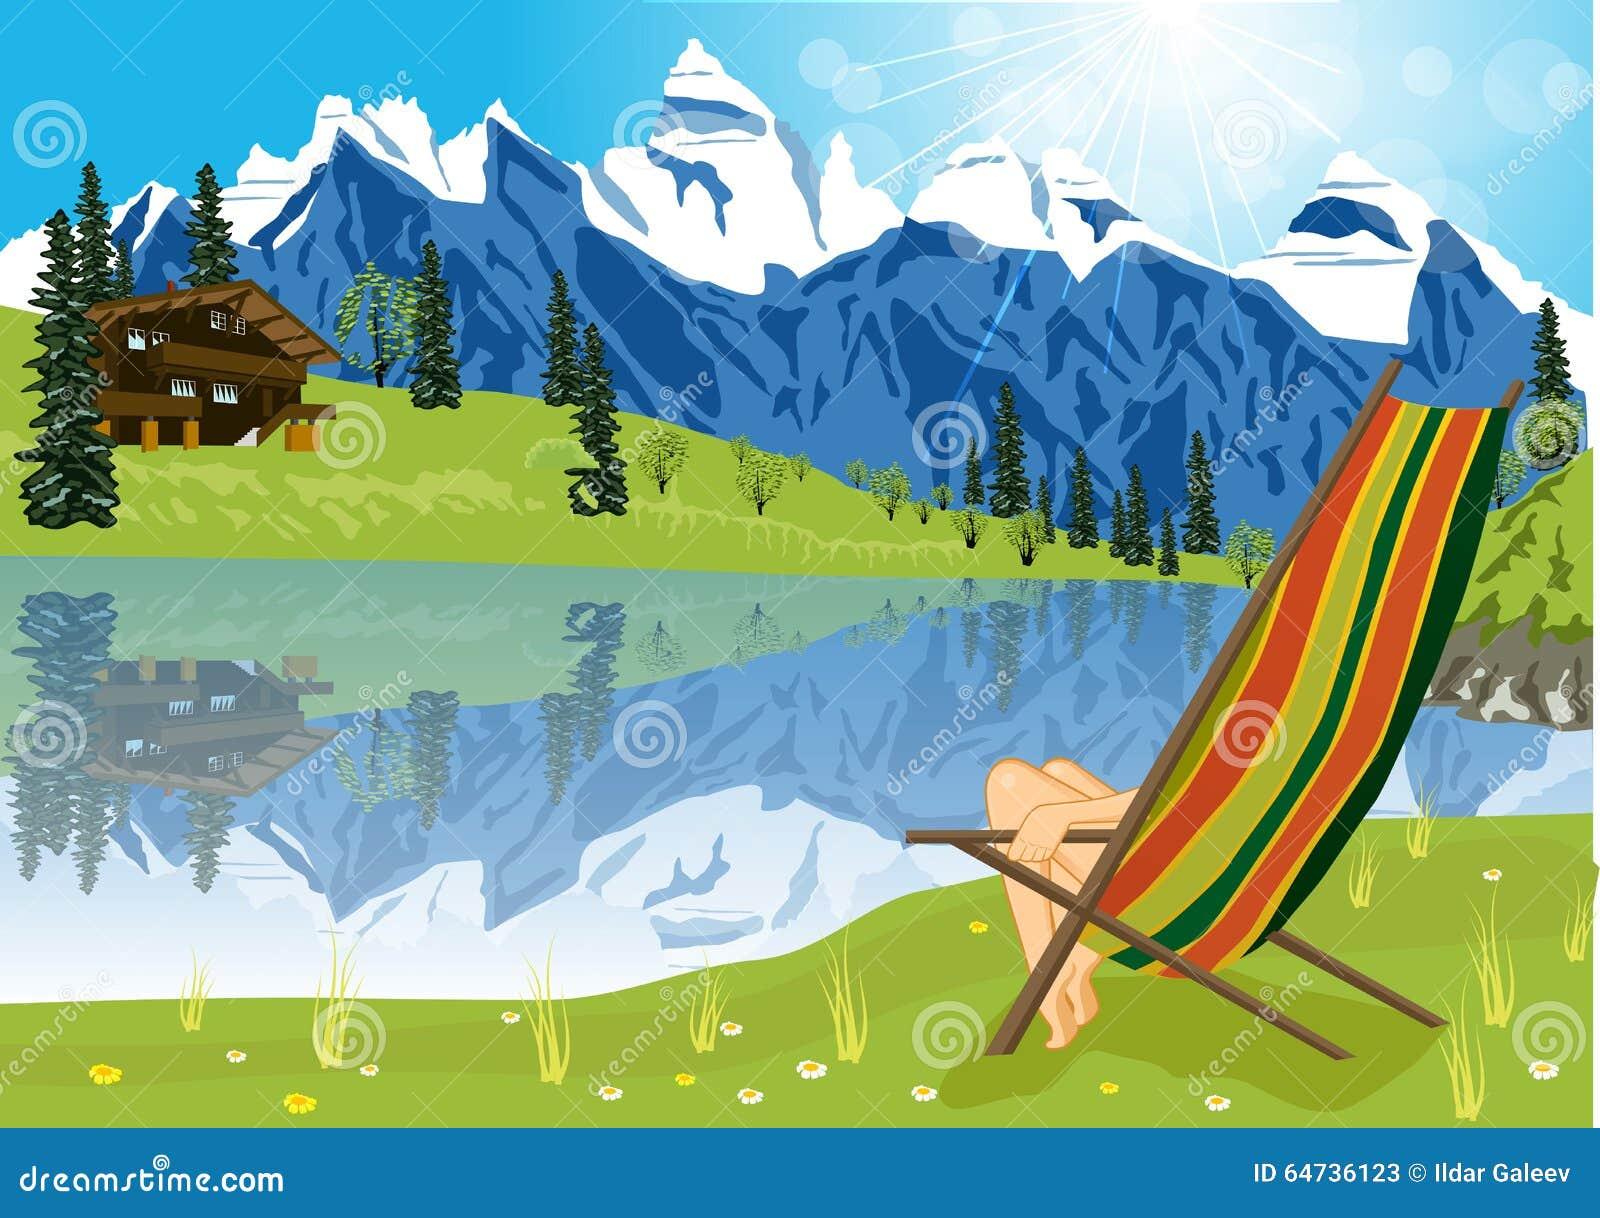 Γυναίκα που κάνει ηλιοθεραπεία στην καρέκλα σαλονιών εκτός από μια λίμνη που βρίσκεται στο πόδι ενός βουνού